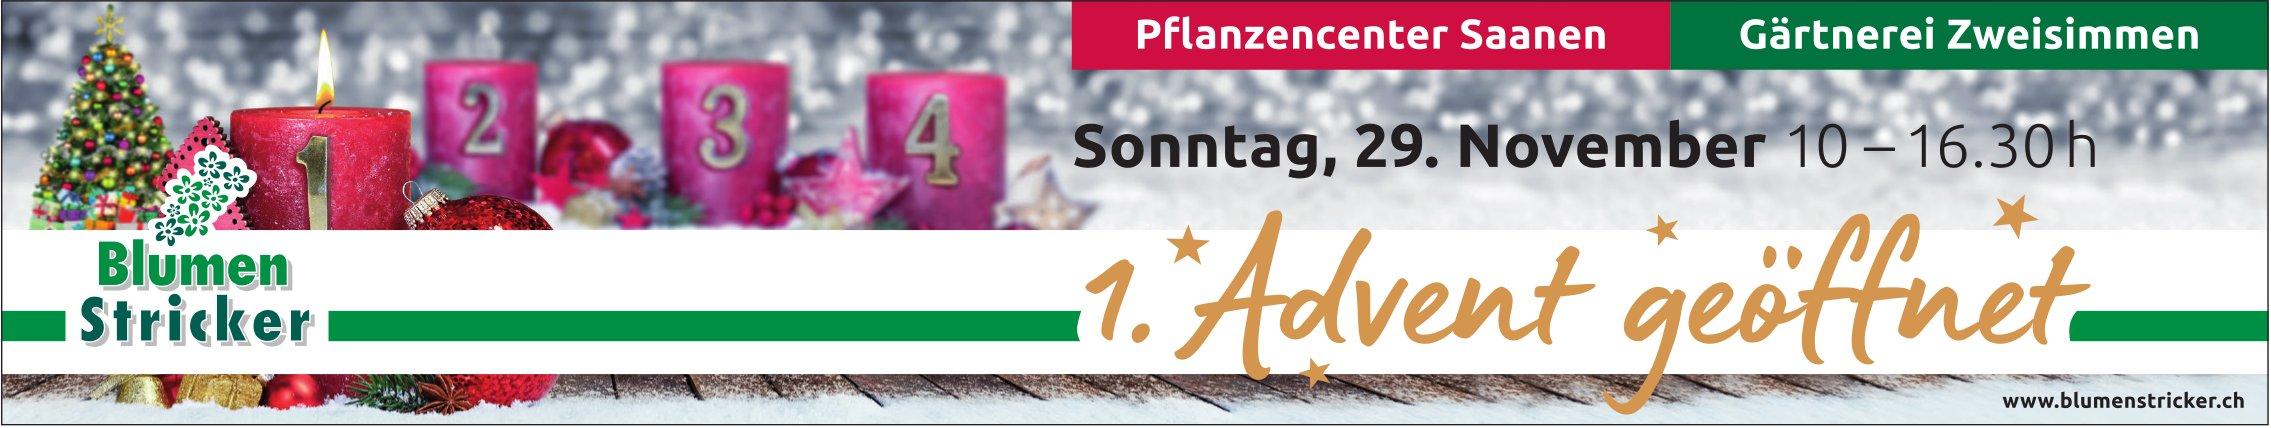 Blumen Stricker, Saanen & Zweisimmen - 1. Advent, 29. November, geöffnet